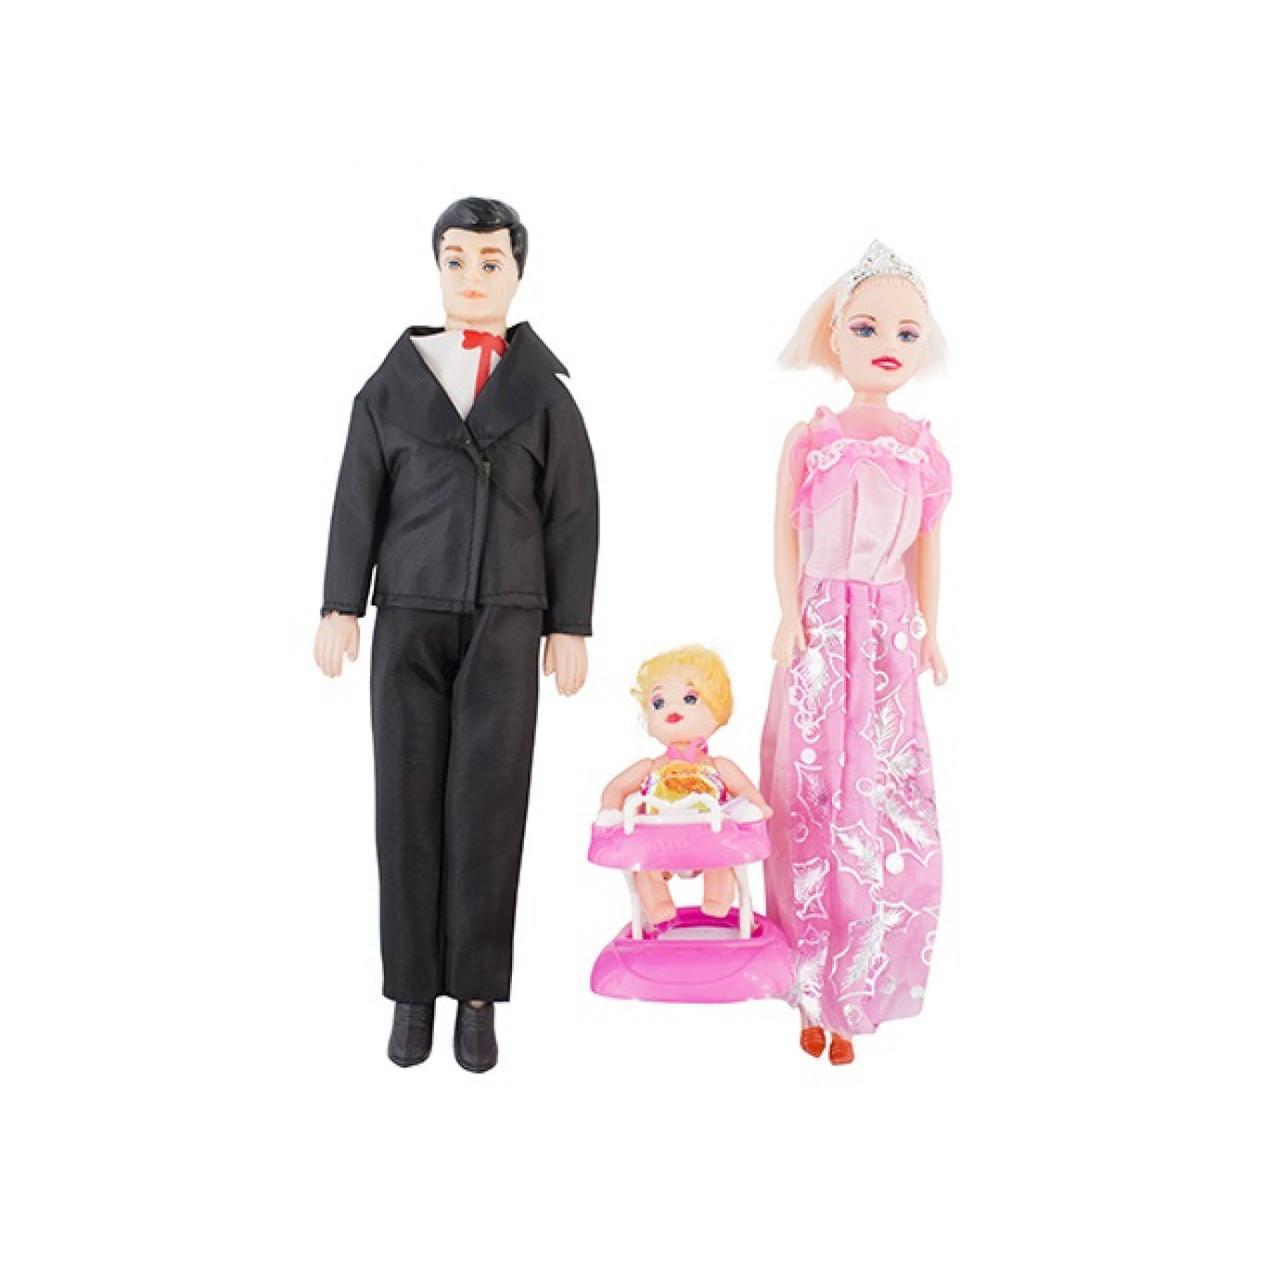 Набір ляльок Сім'я Барбі 2 дорослих і дитина, ходунки, 30см, 2 види 189